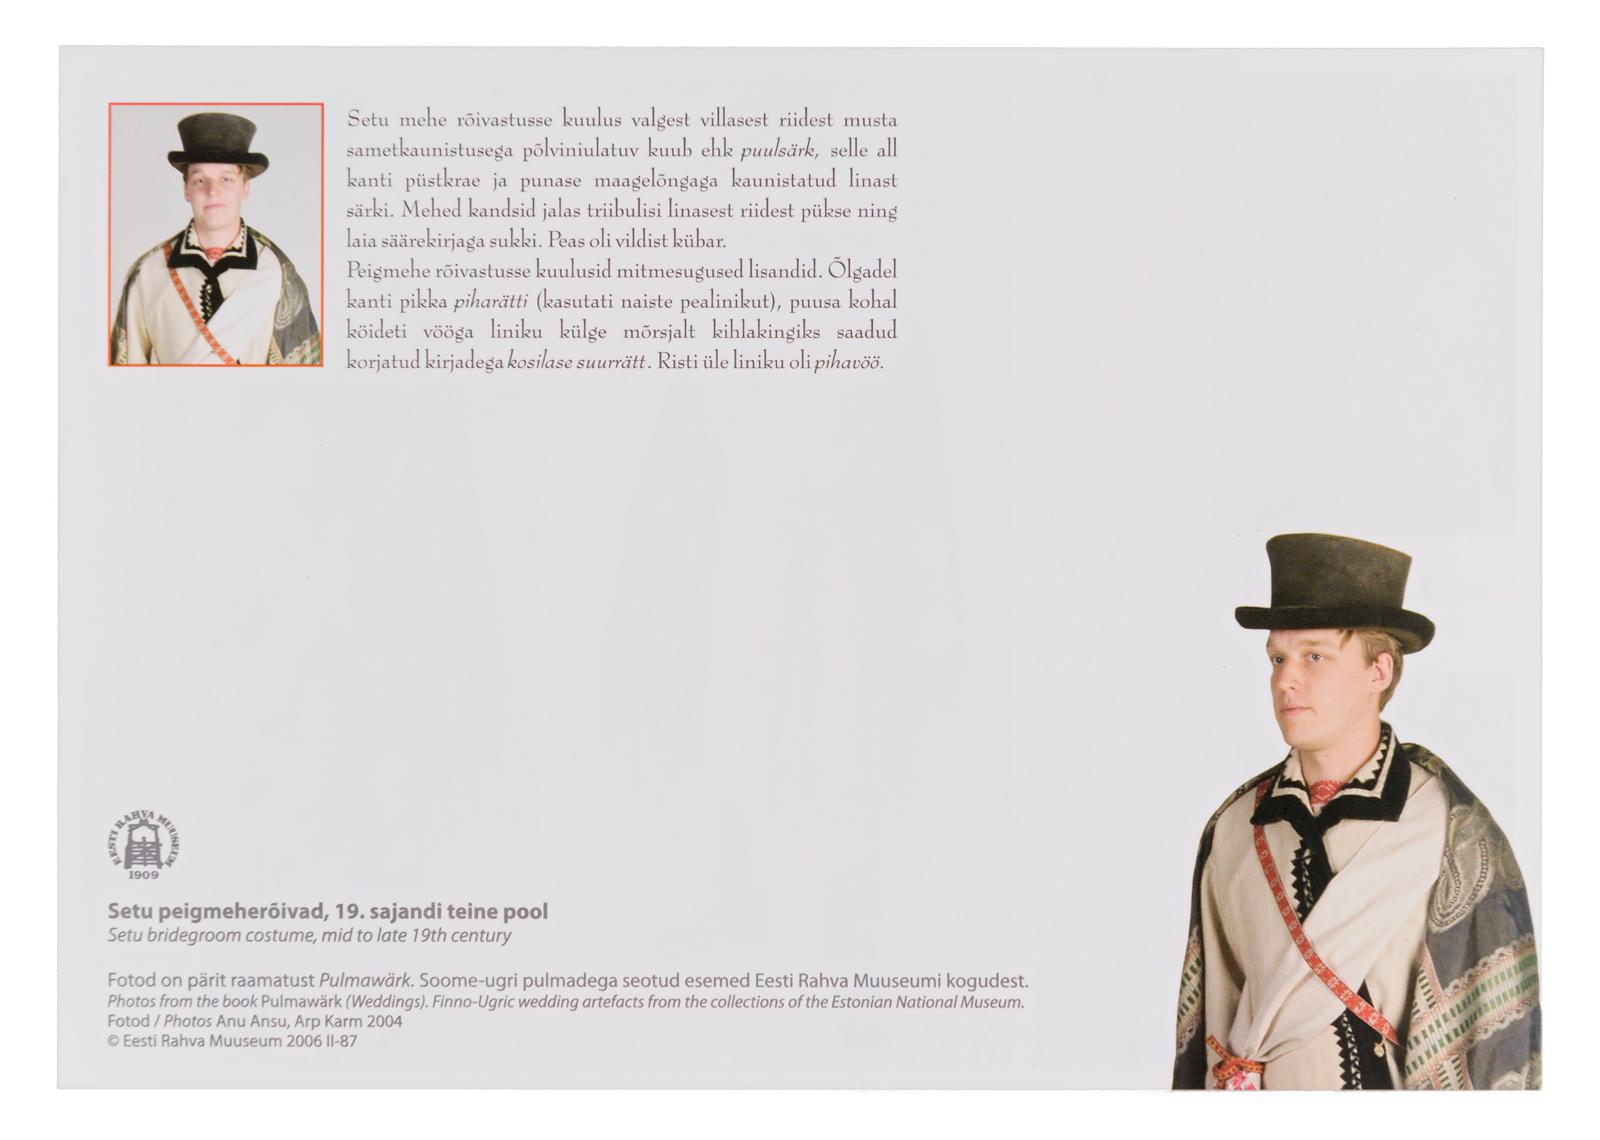 6d9286ebd94 Setu bridegroom costume, mit to late 19th century | Eesti rahva muuseum